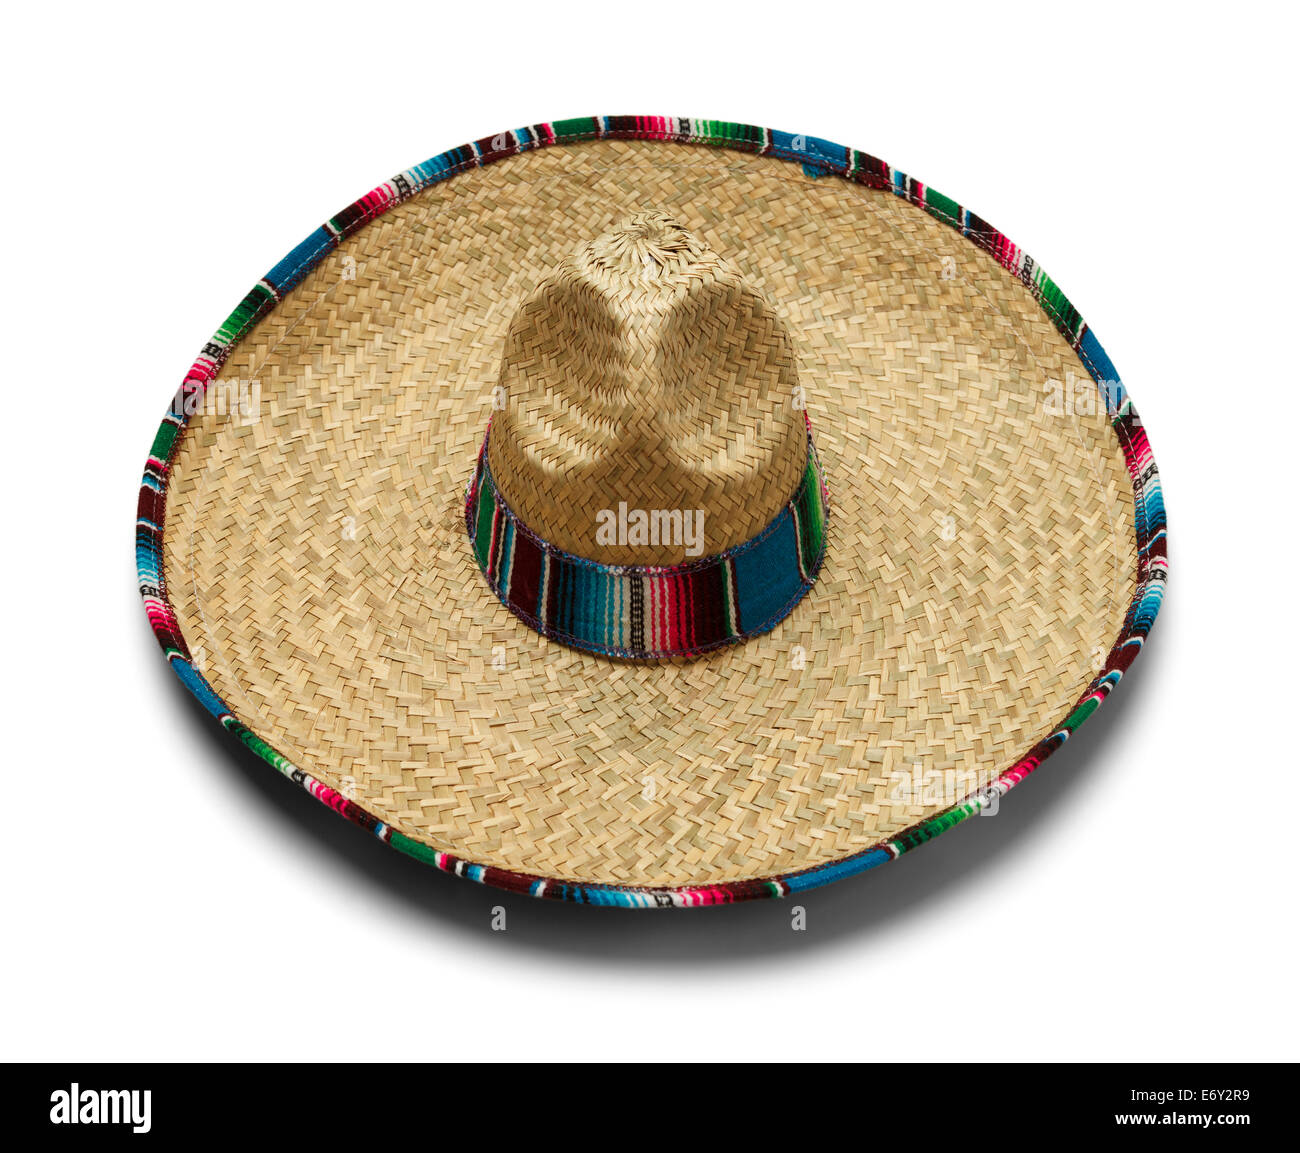 Mexican Fiesta cappello di paglia isolati su sfondo bianco. Immagini Stock